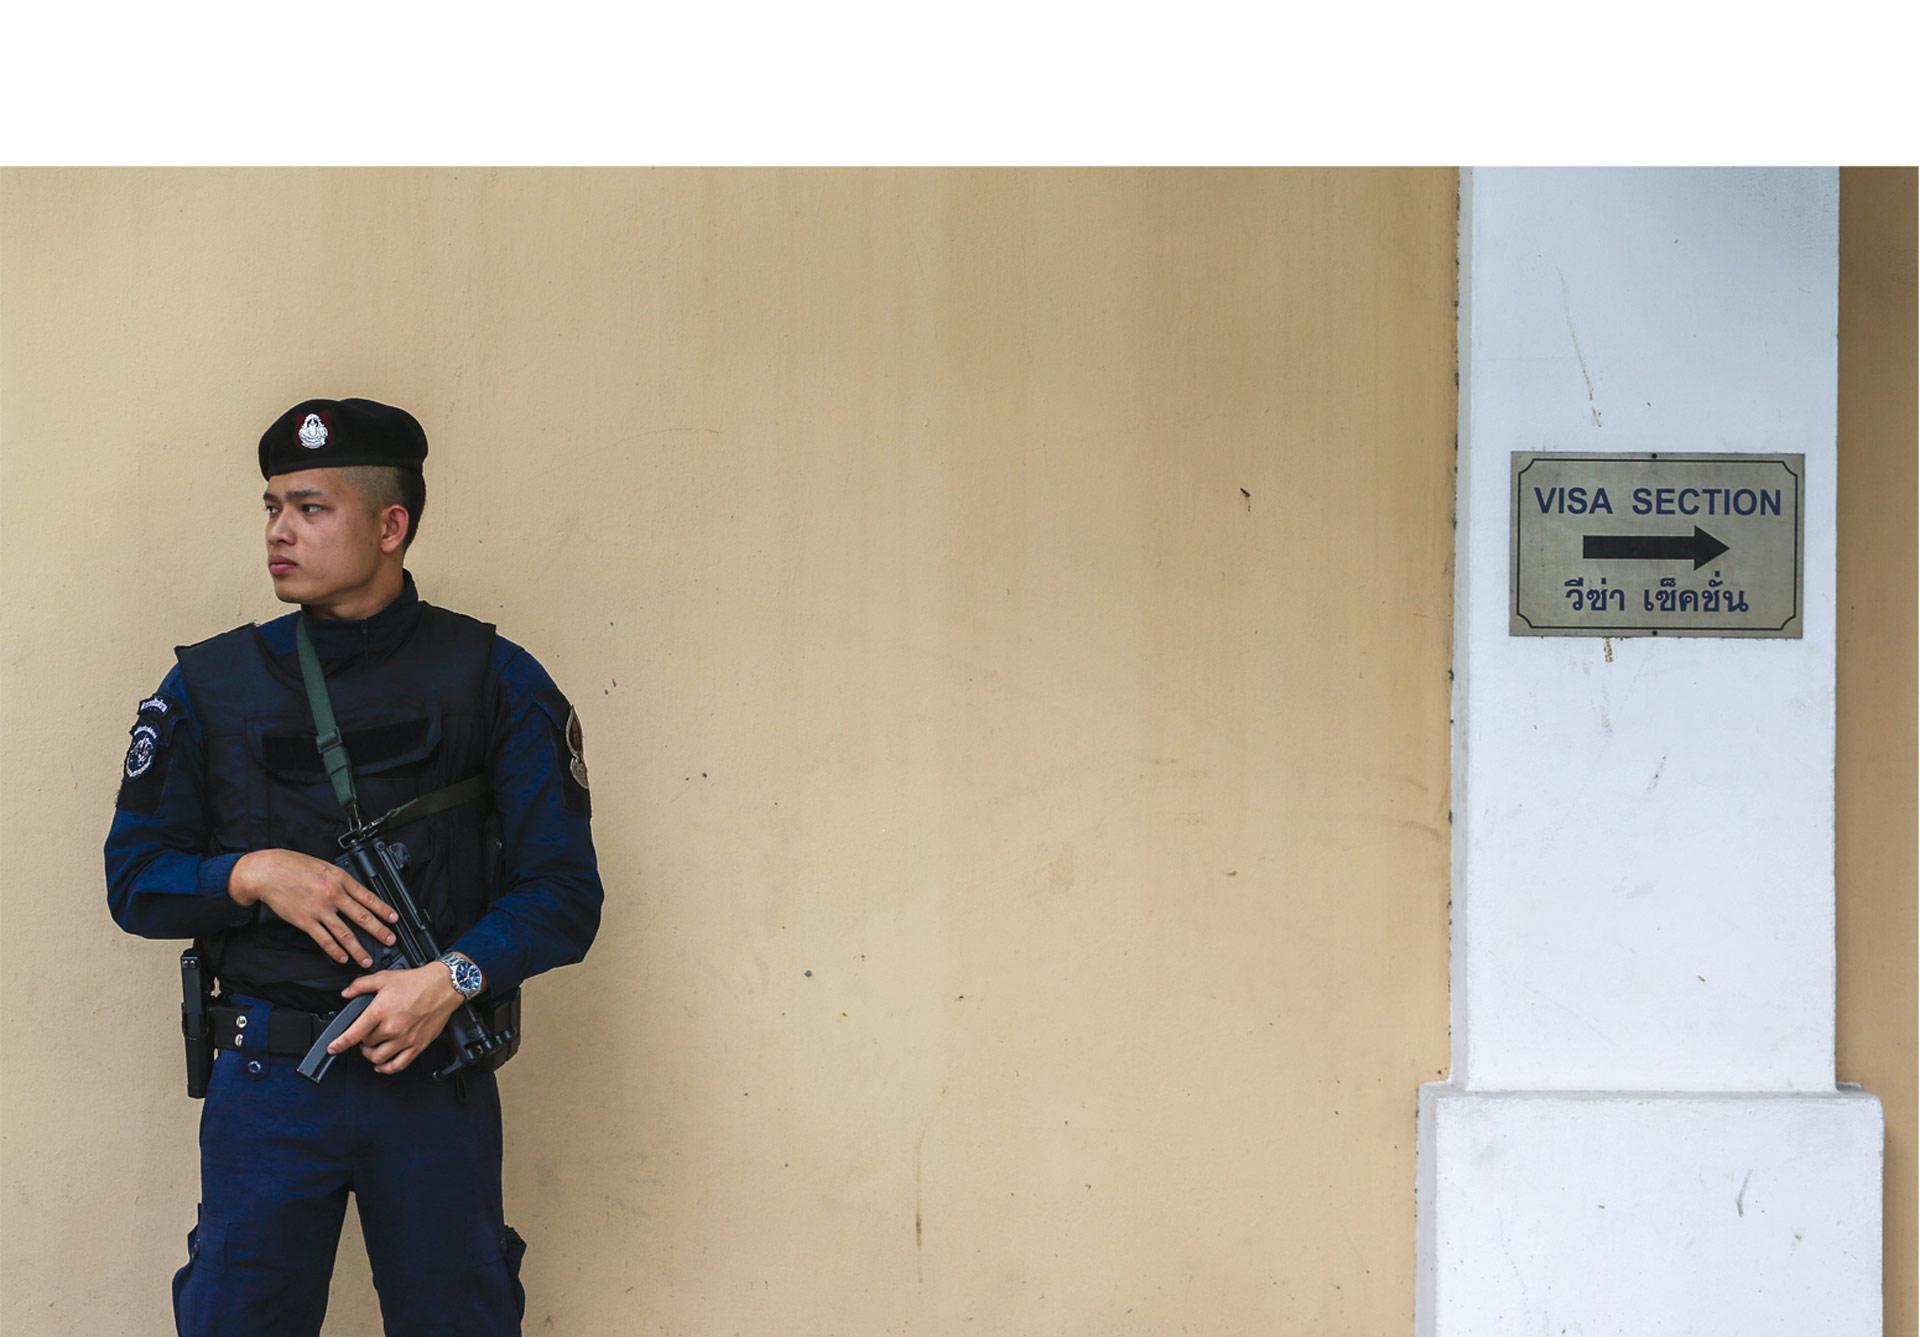 Un portavoz del gobierno informó que las fuerzas de seguridad están preparadas ante cualquier señal de peligro